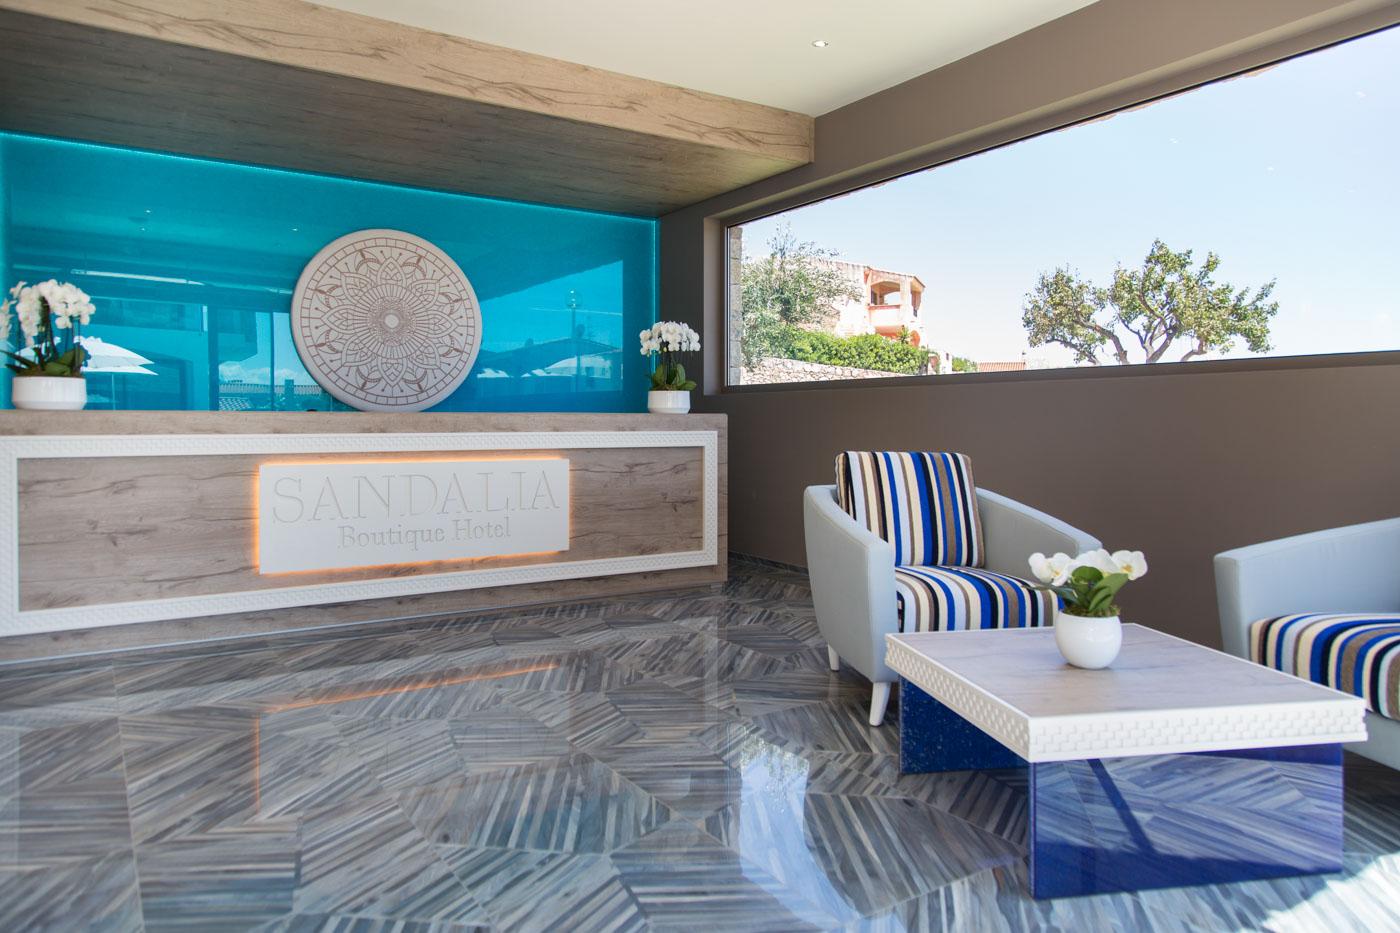 Interni Sandalia Boutique Hotel - Sardegna